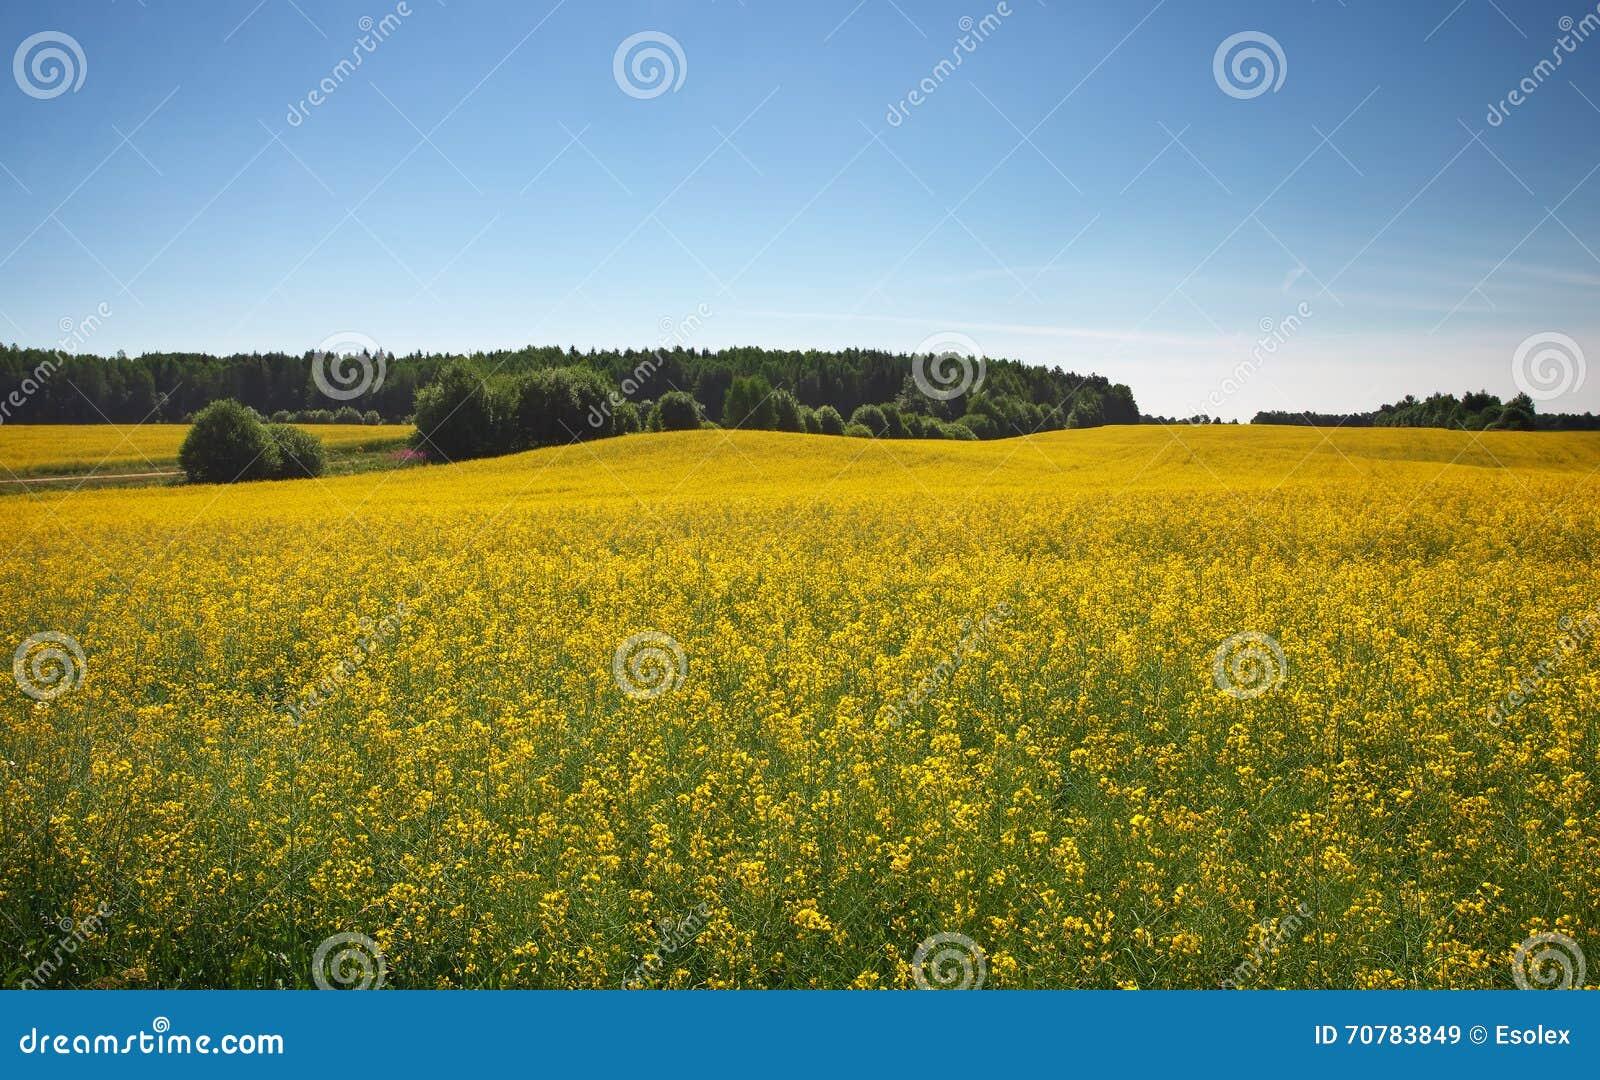 beautiful yellow field landscape - photo #6